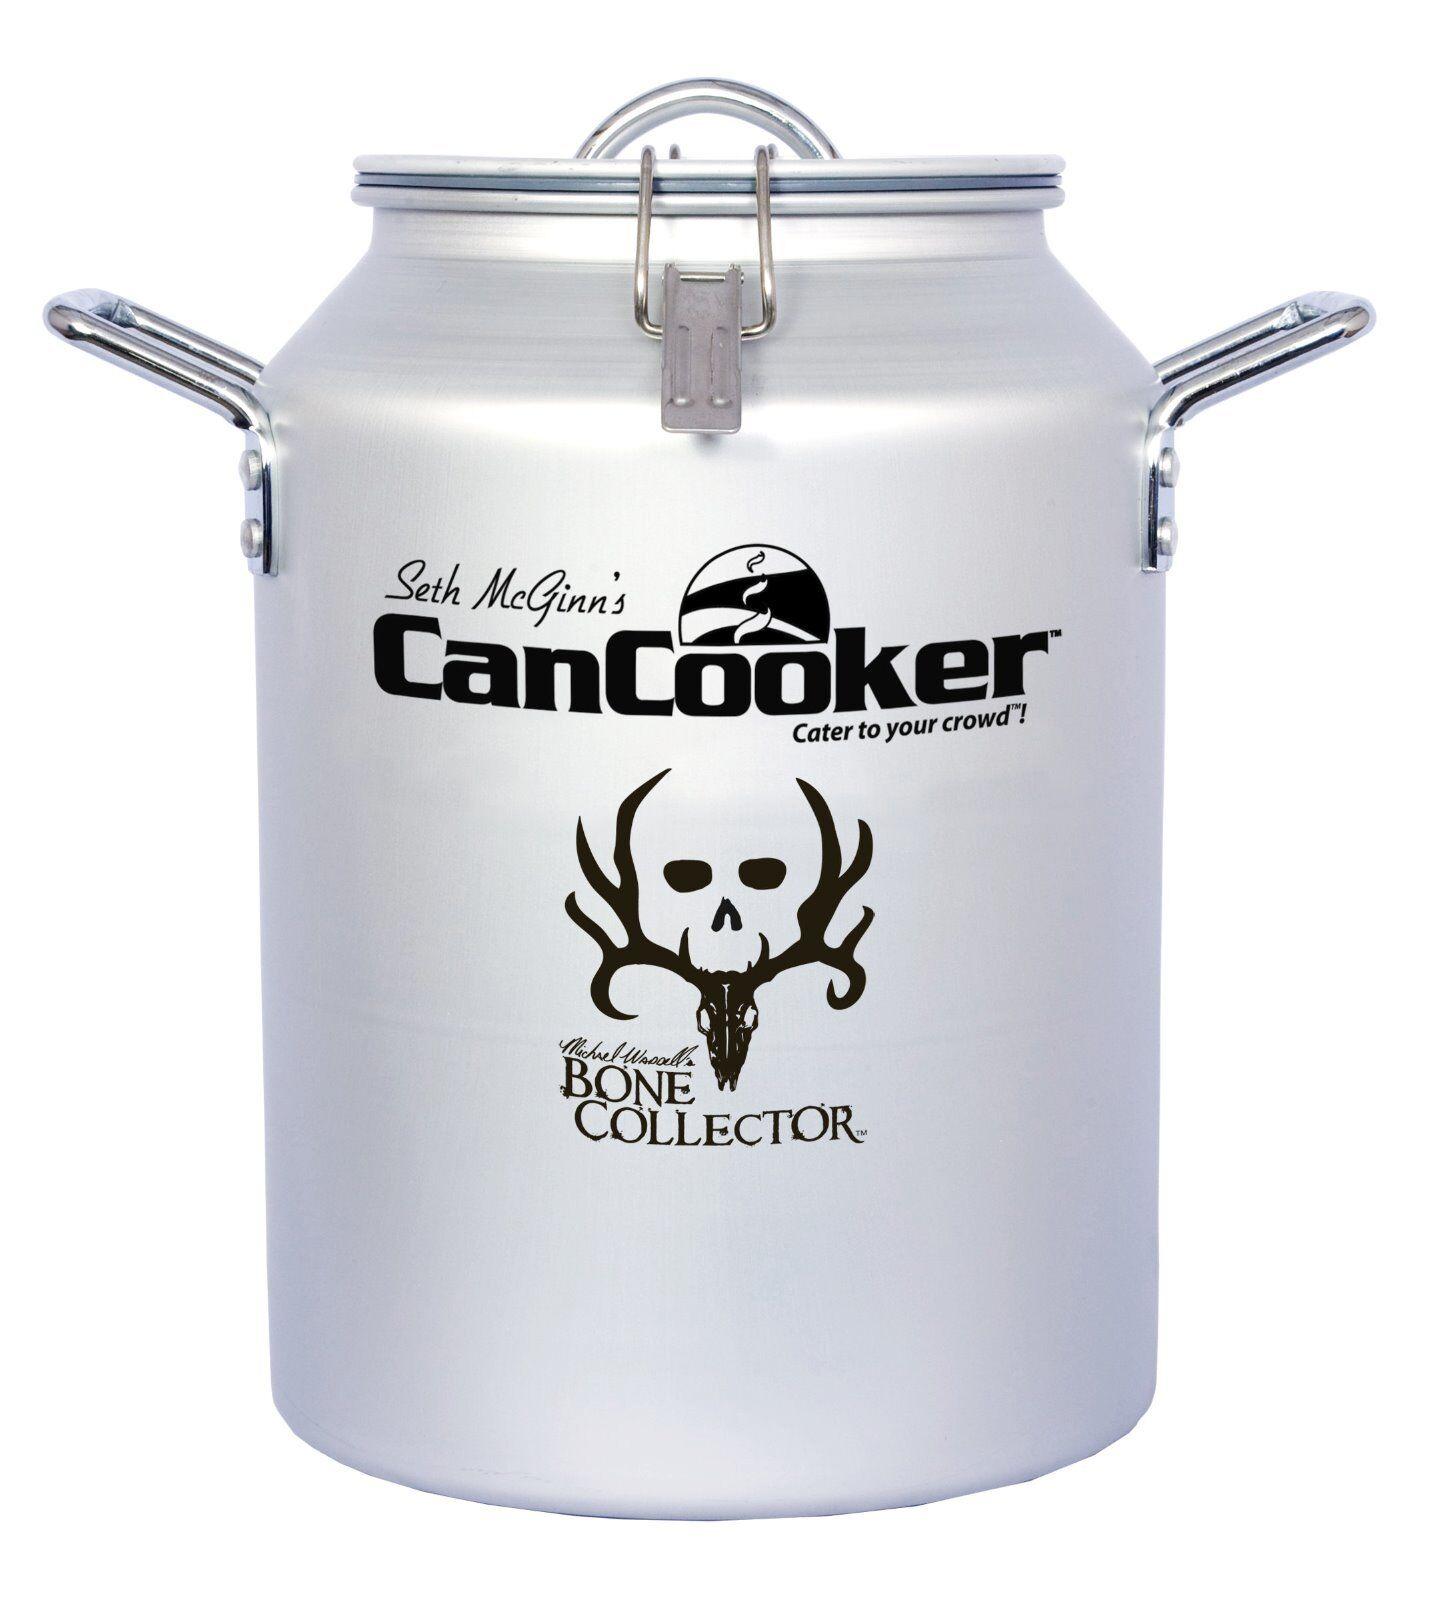 Cancooker-El coleccionista de huesos cancooker - 4 GAL (approx. 15.14 L) -